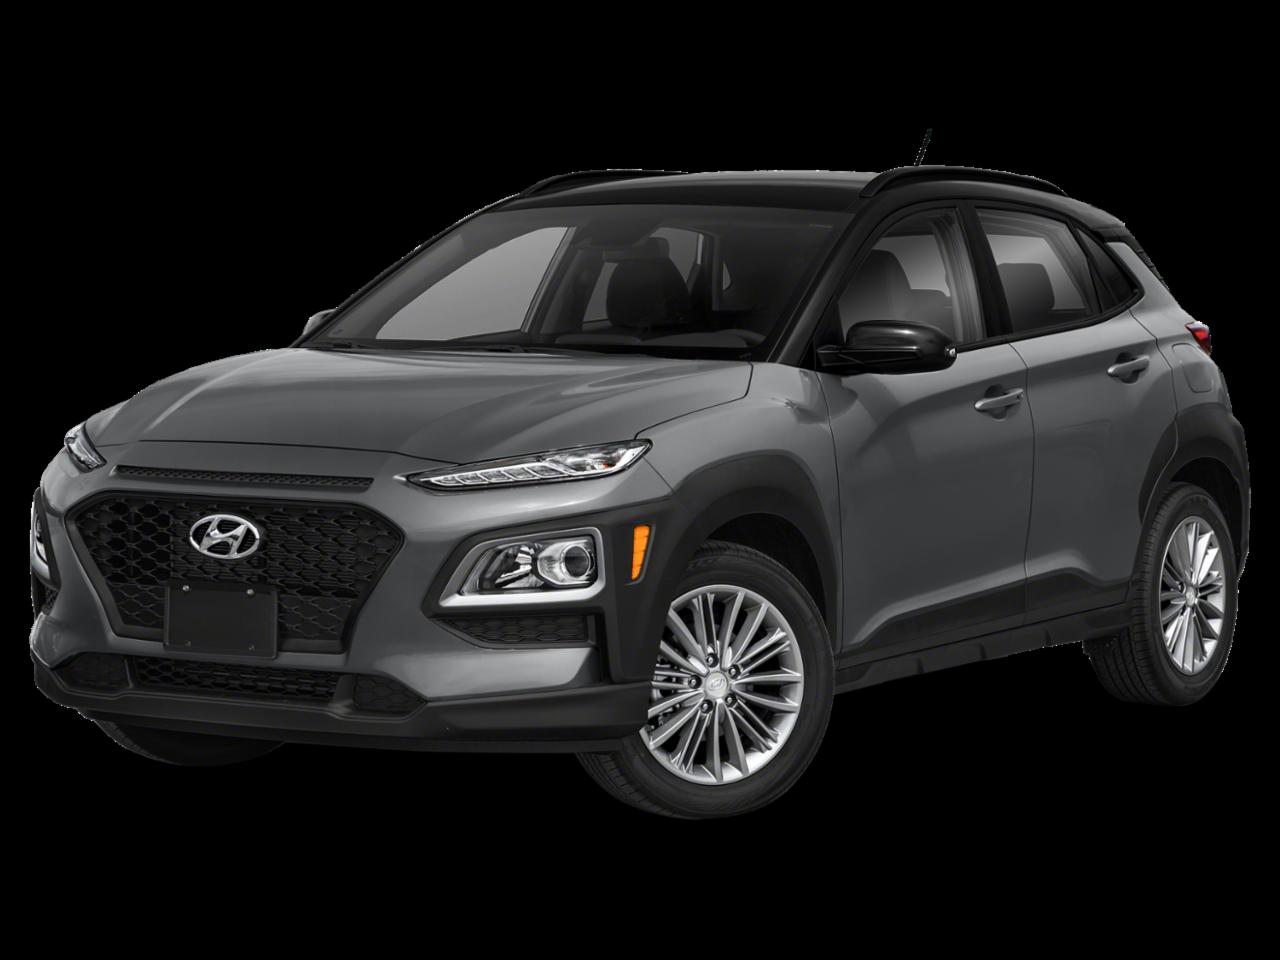 Hyundai 2020 Kona SEL